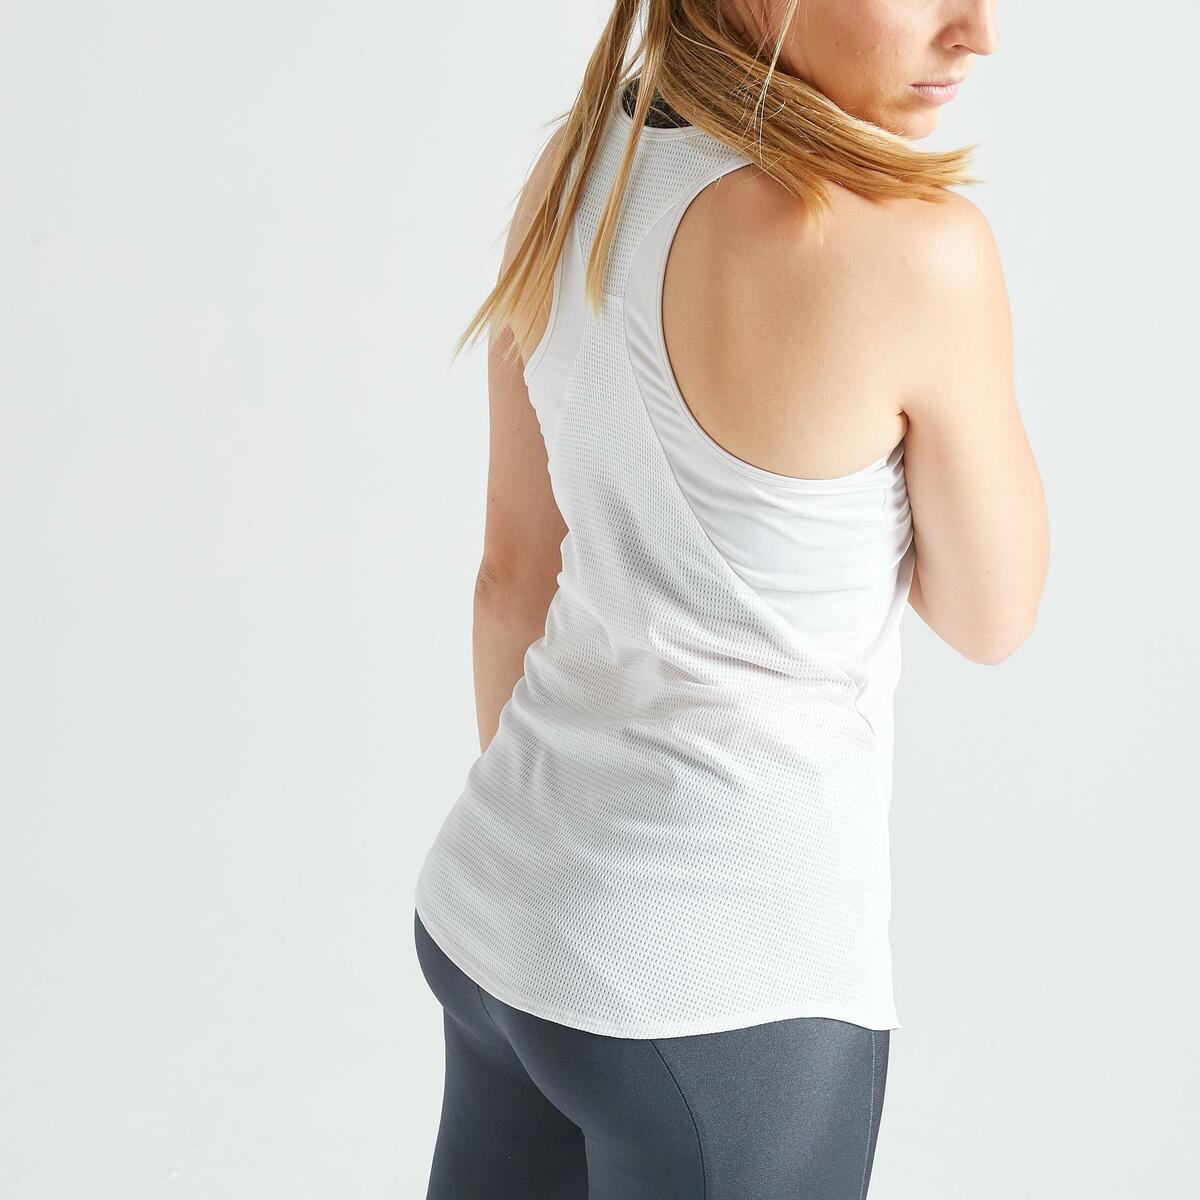 Bild 4 von Top FTA 120 Fitness Cardio Damen weiβ